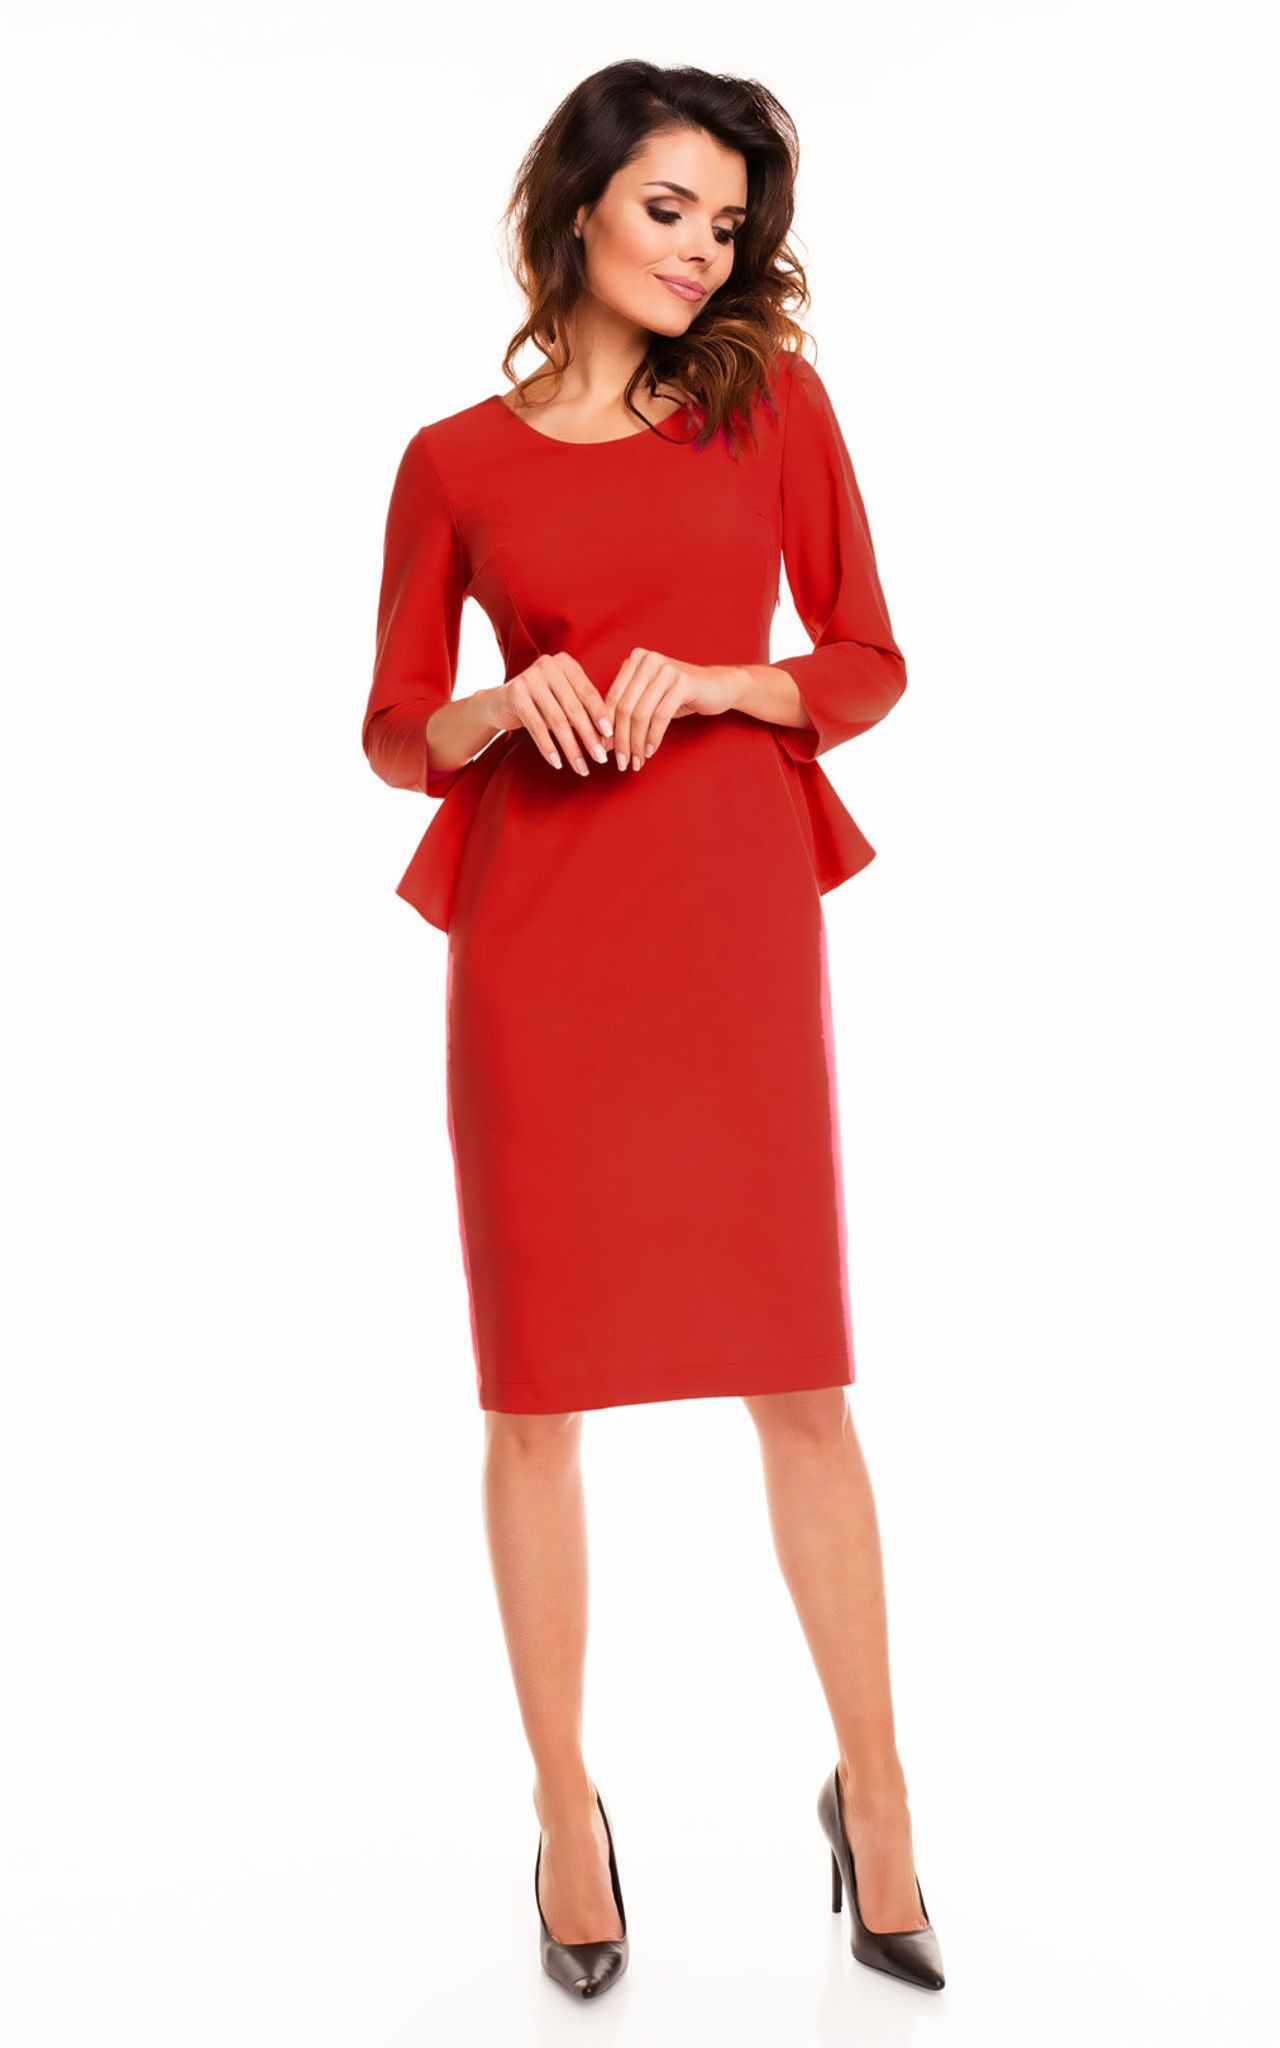 c6d0738ba788b Red 3/4 Sleeve Back Frill Midi Dress By AWAMA   Feelin' hot, not sweaty